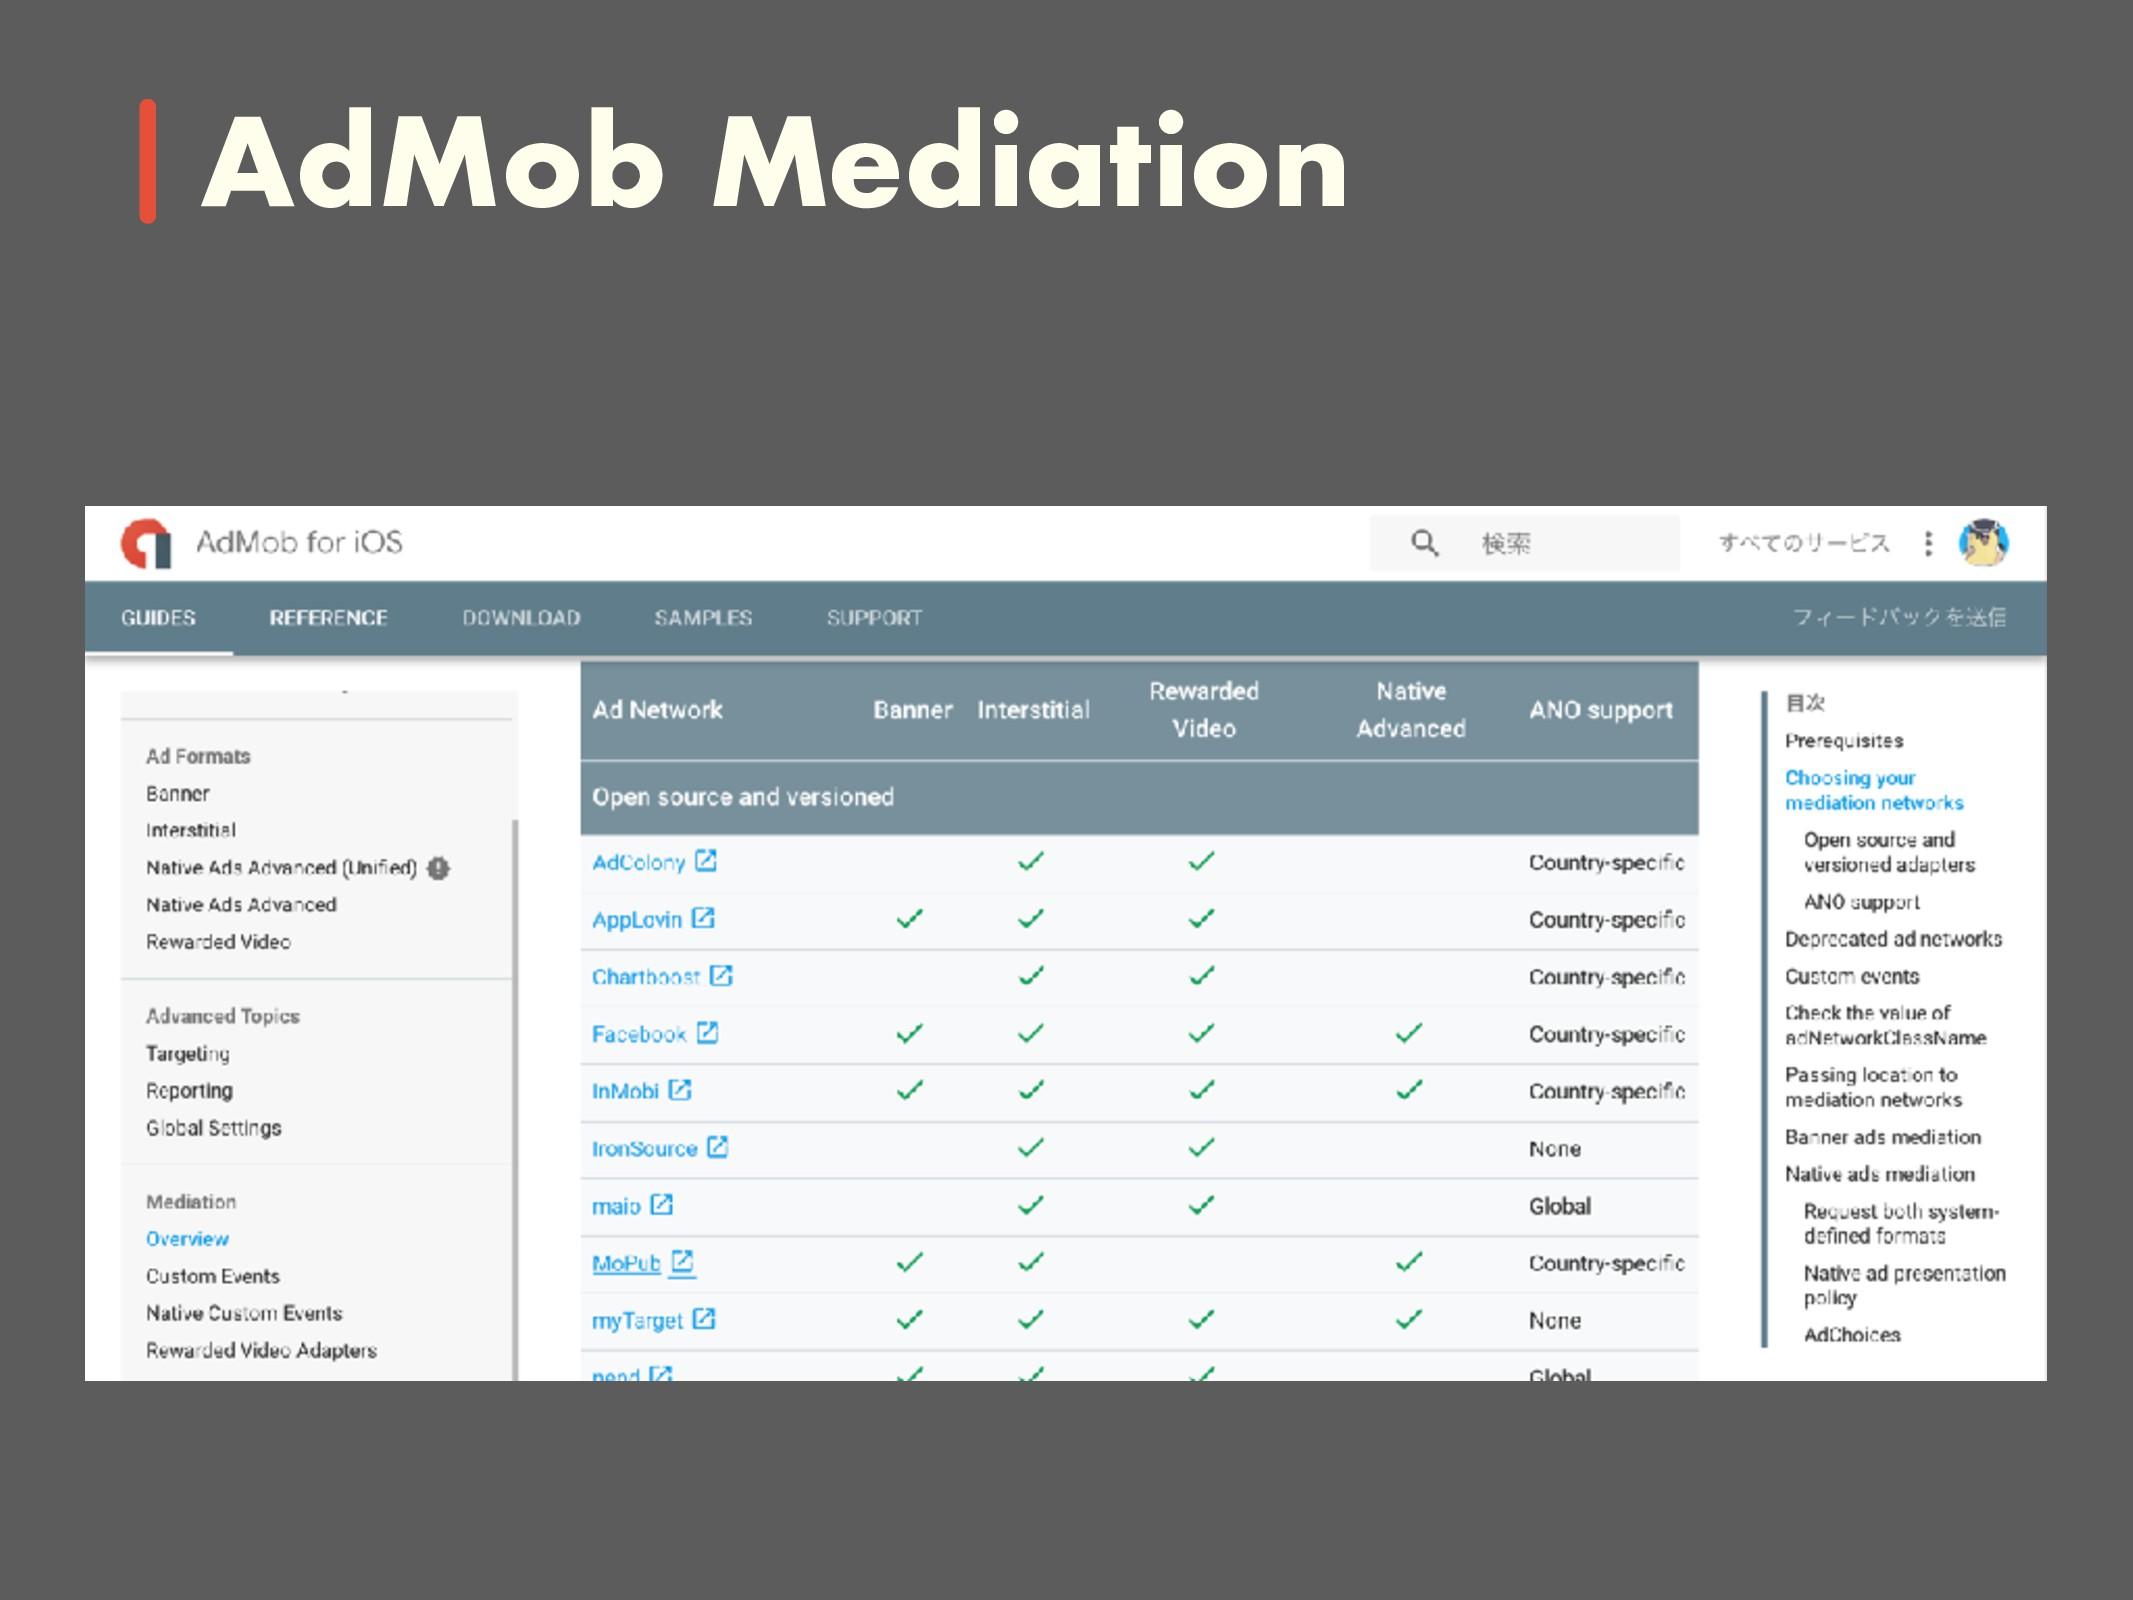 AdMob Mediation